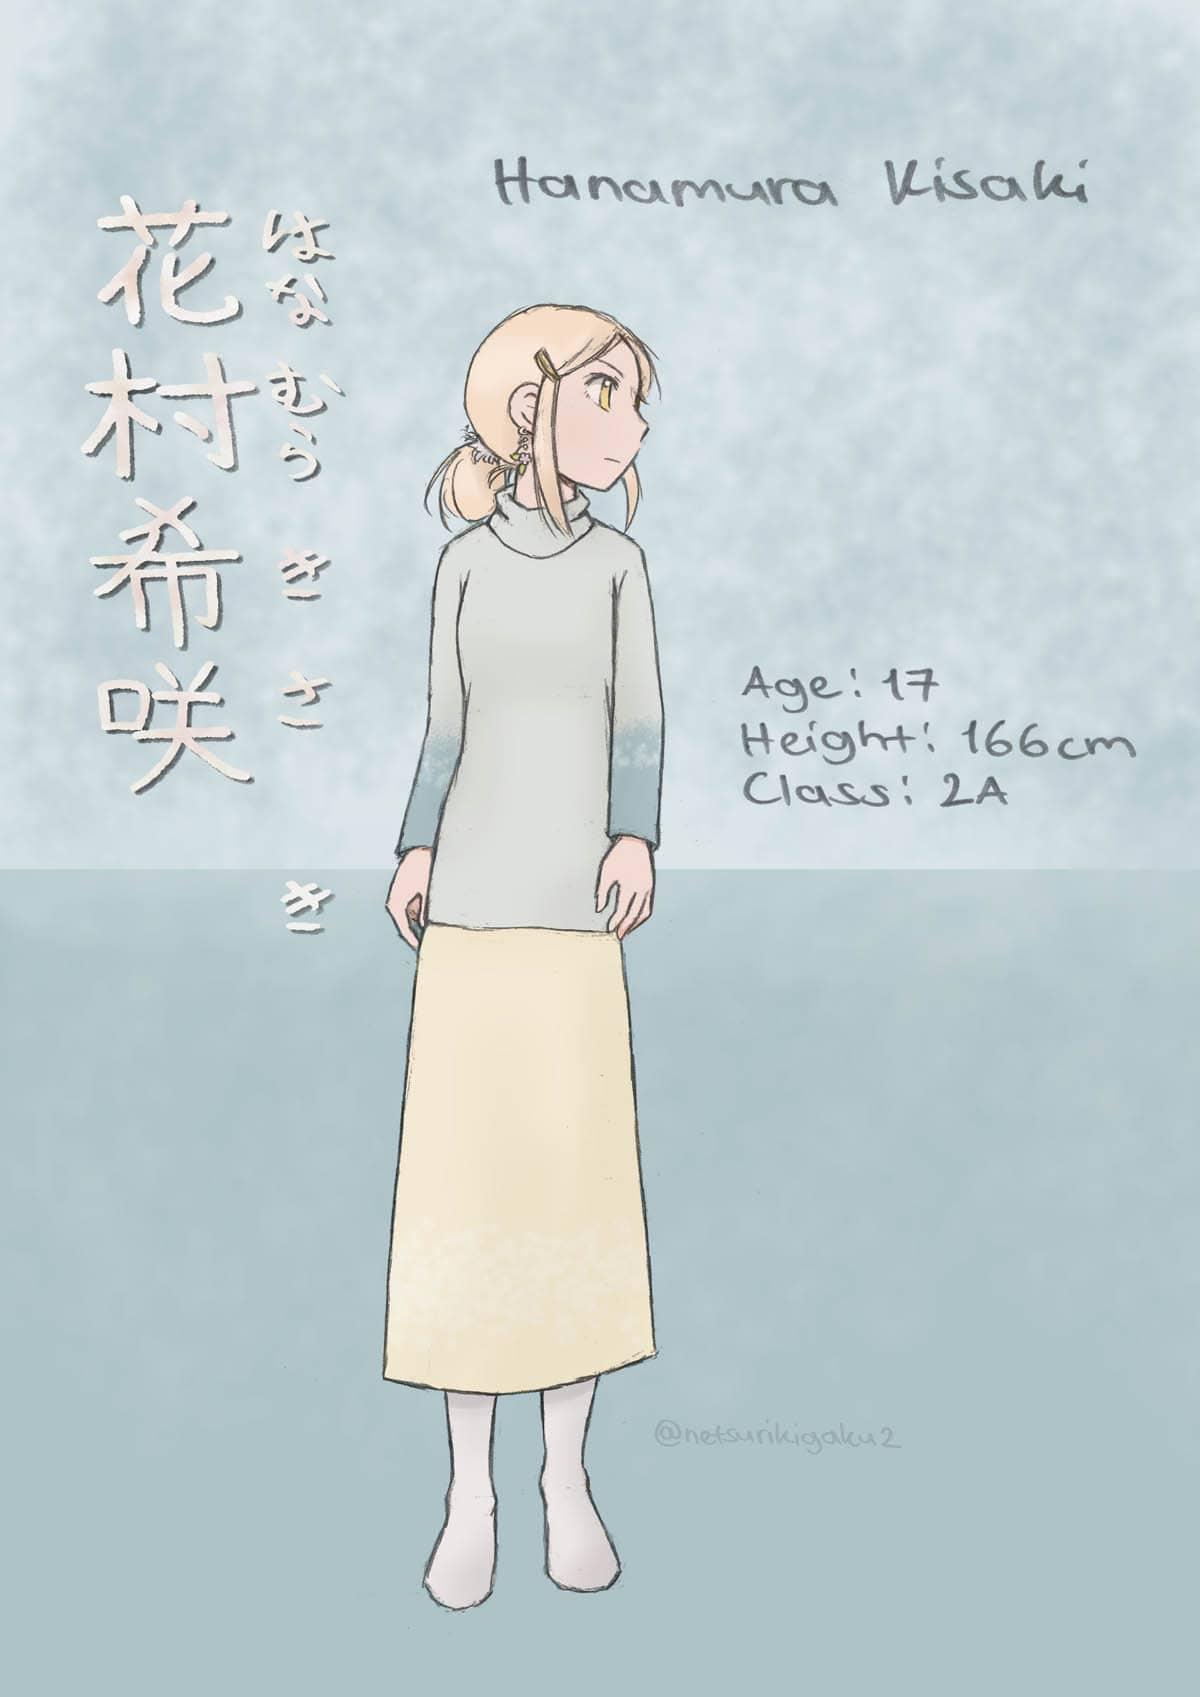 花村希咲のキャラクター紹介